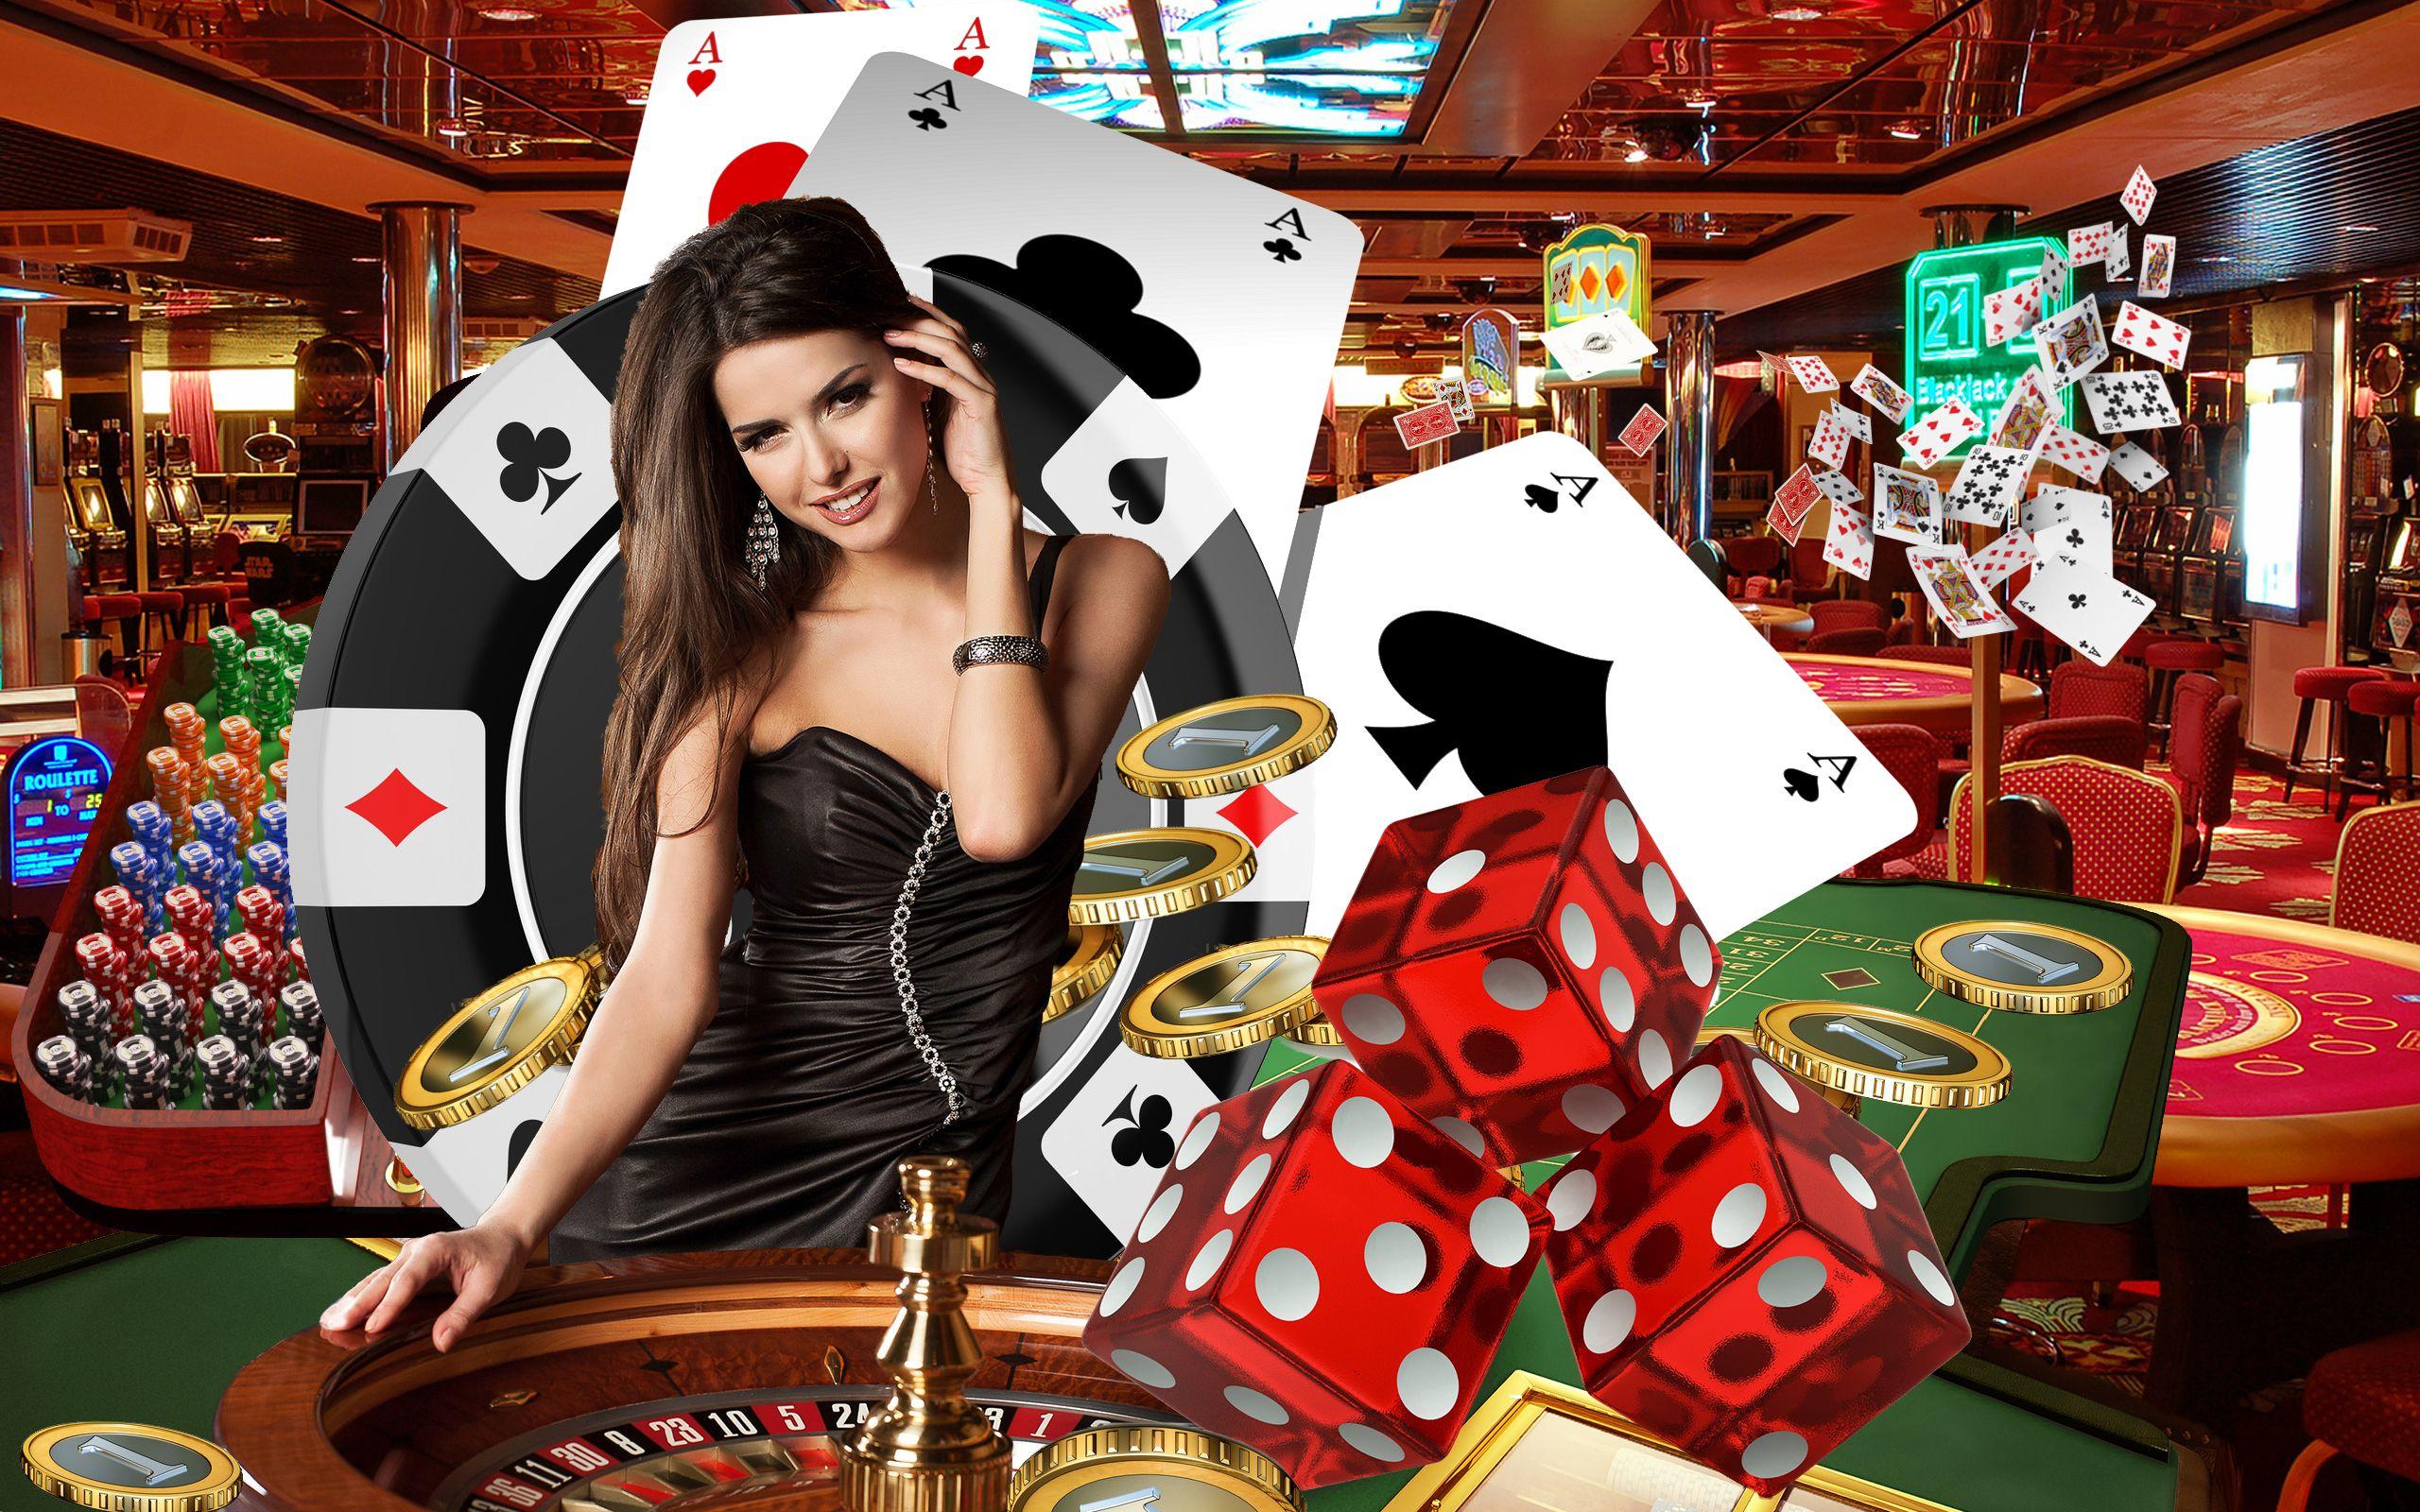 Situs Ceme Online terpercaya | Online casino games, Online casino ...